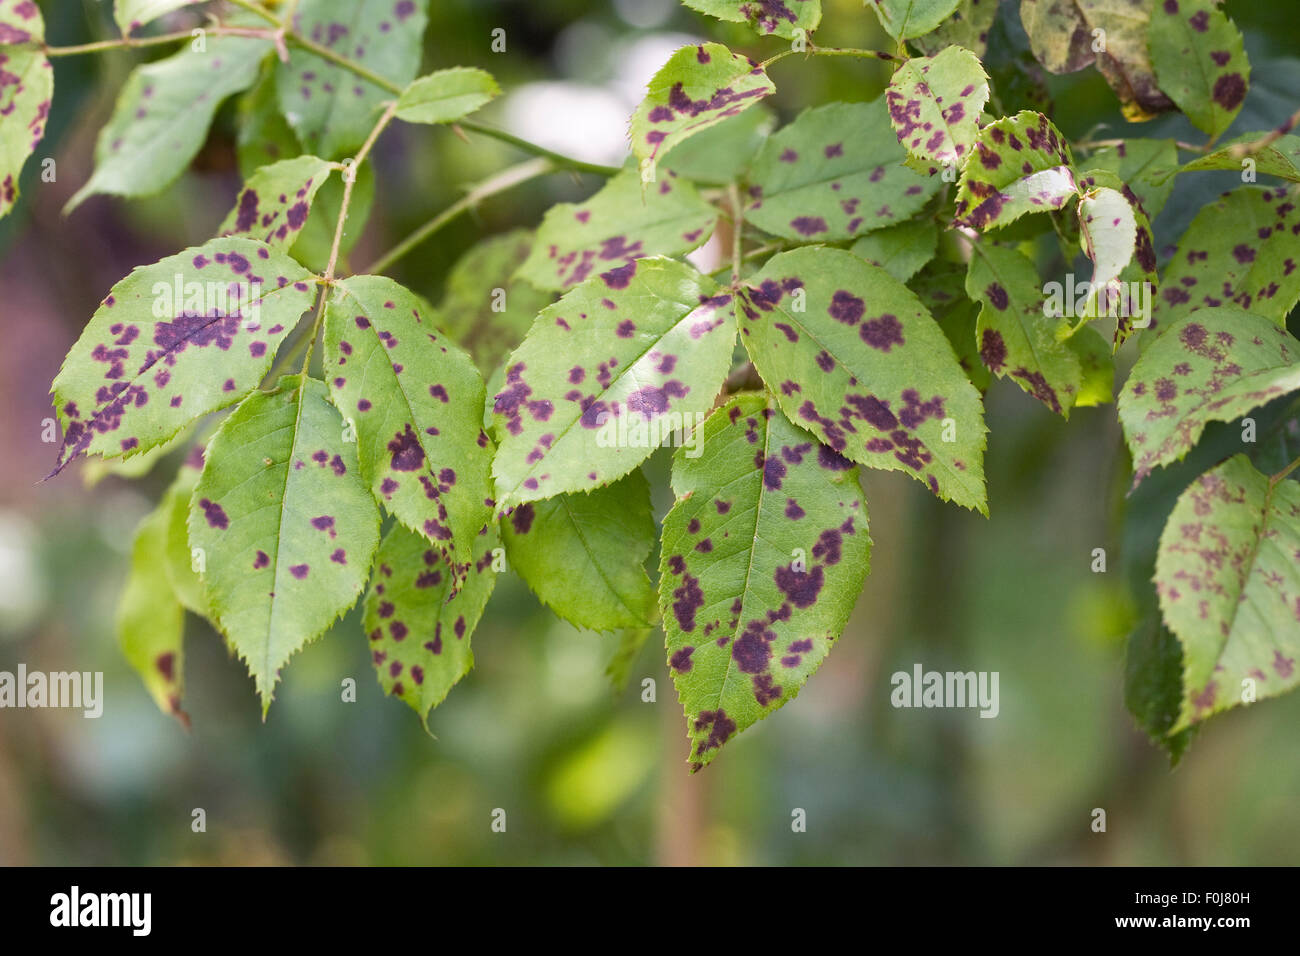 Diplocarpon rosae. Rose black spot disease. - Stock Image